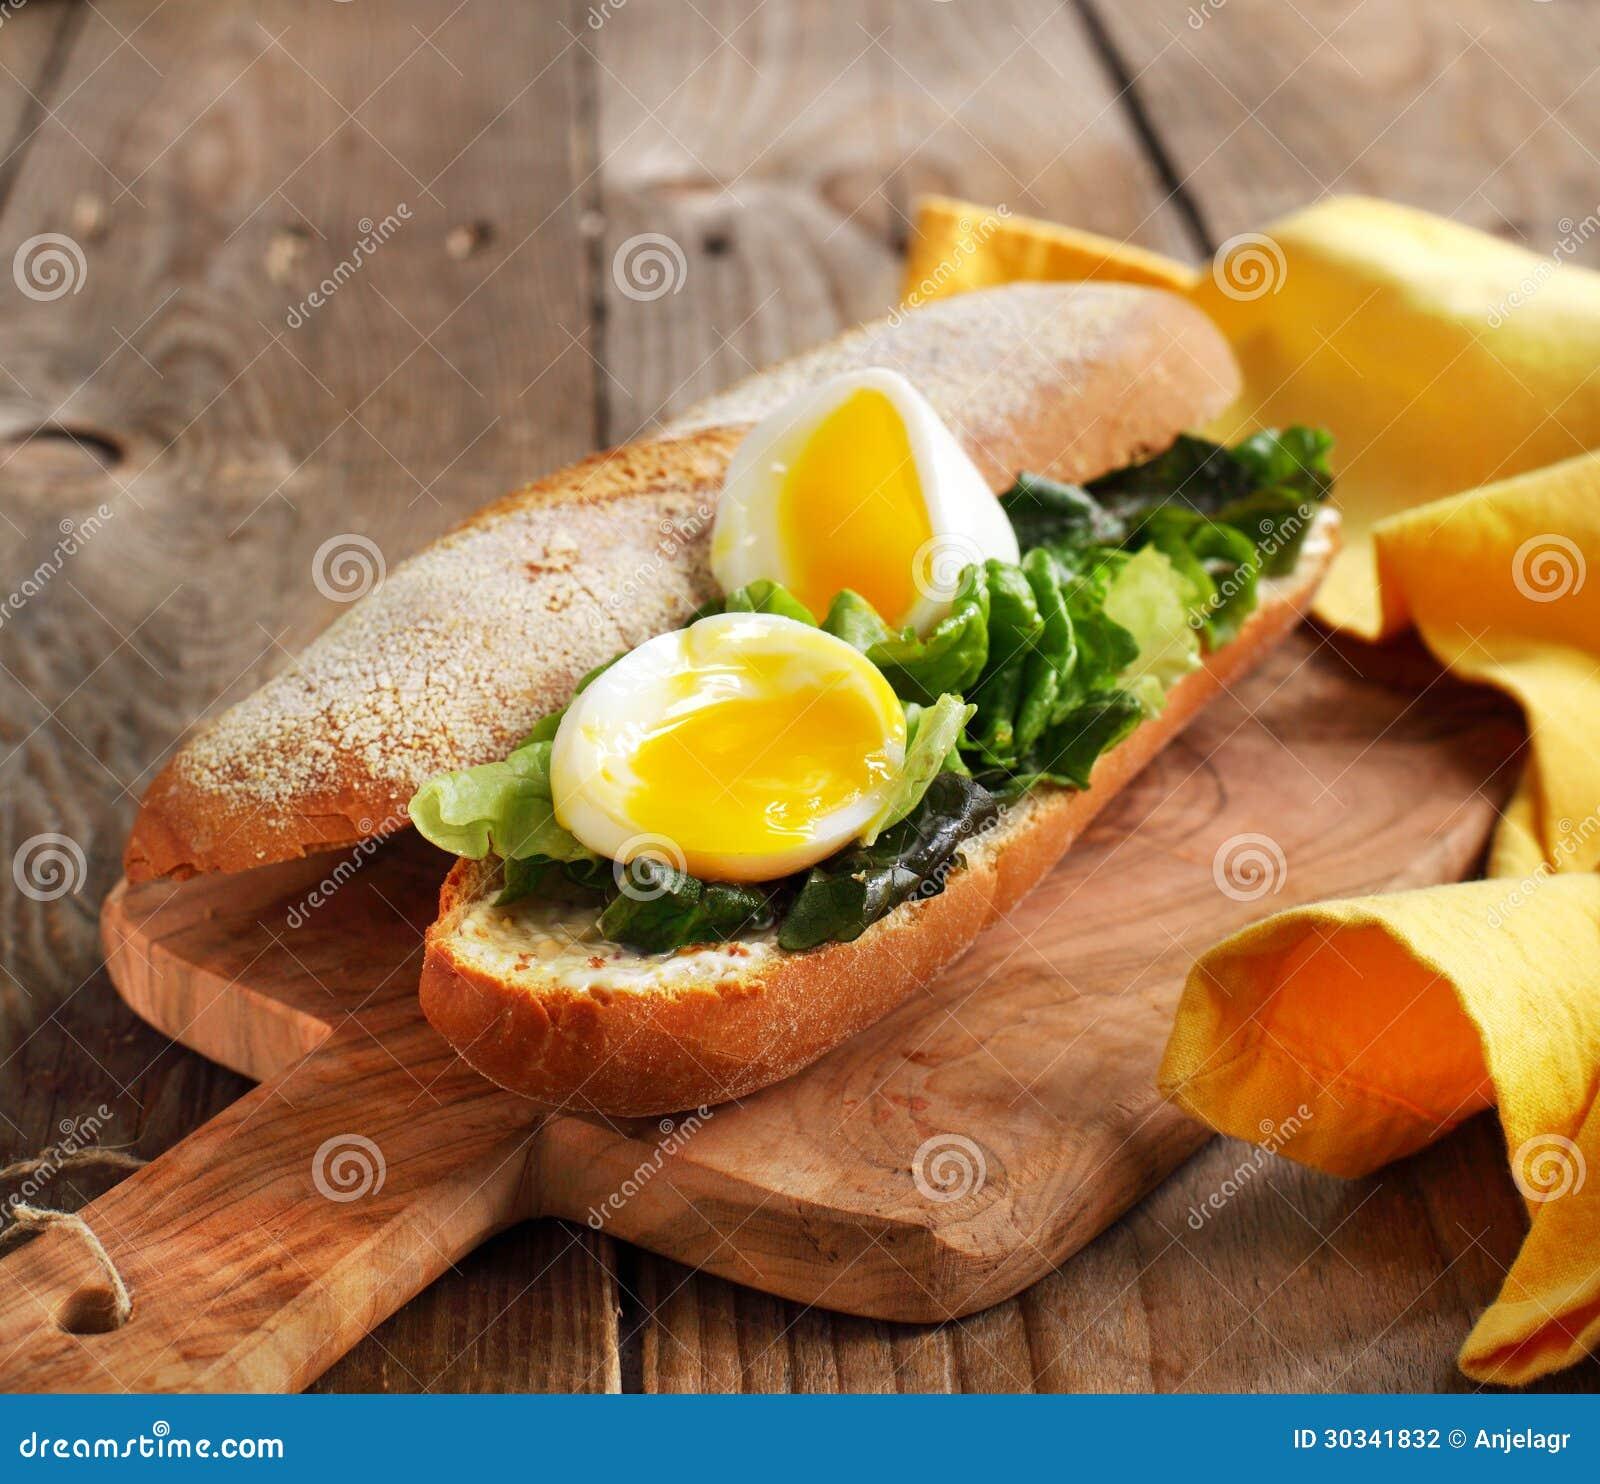 Sandwich des weich gekocht Eis mit grünem Salat und Majonäse